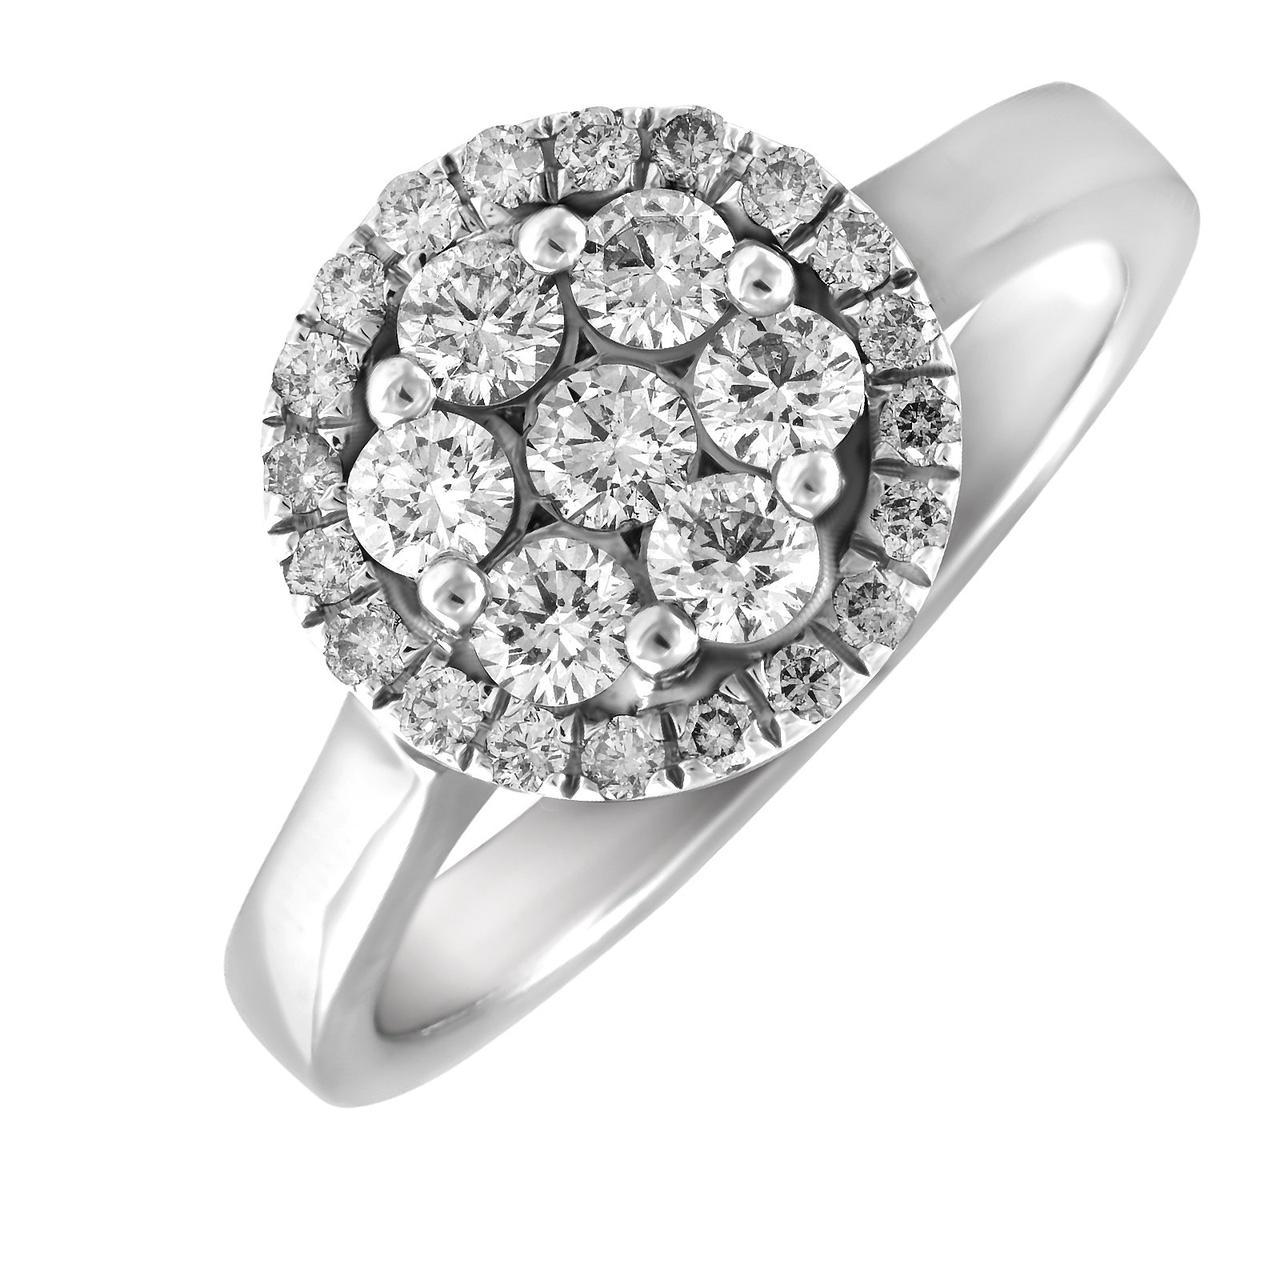 Золотое кольцо с бриллиантами, размер 16 (240830)